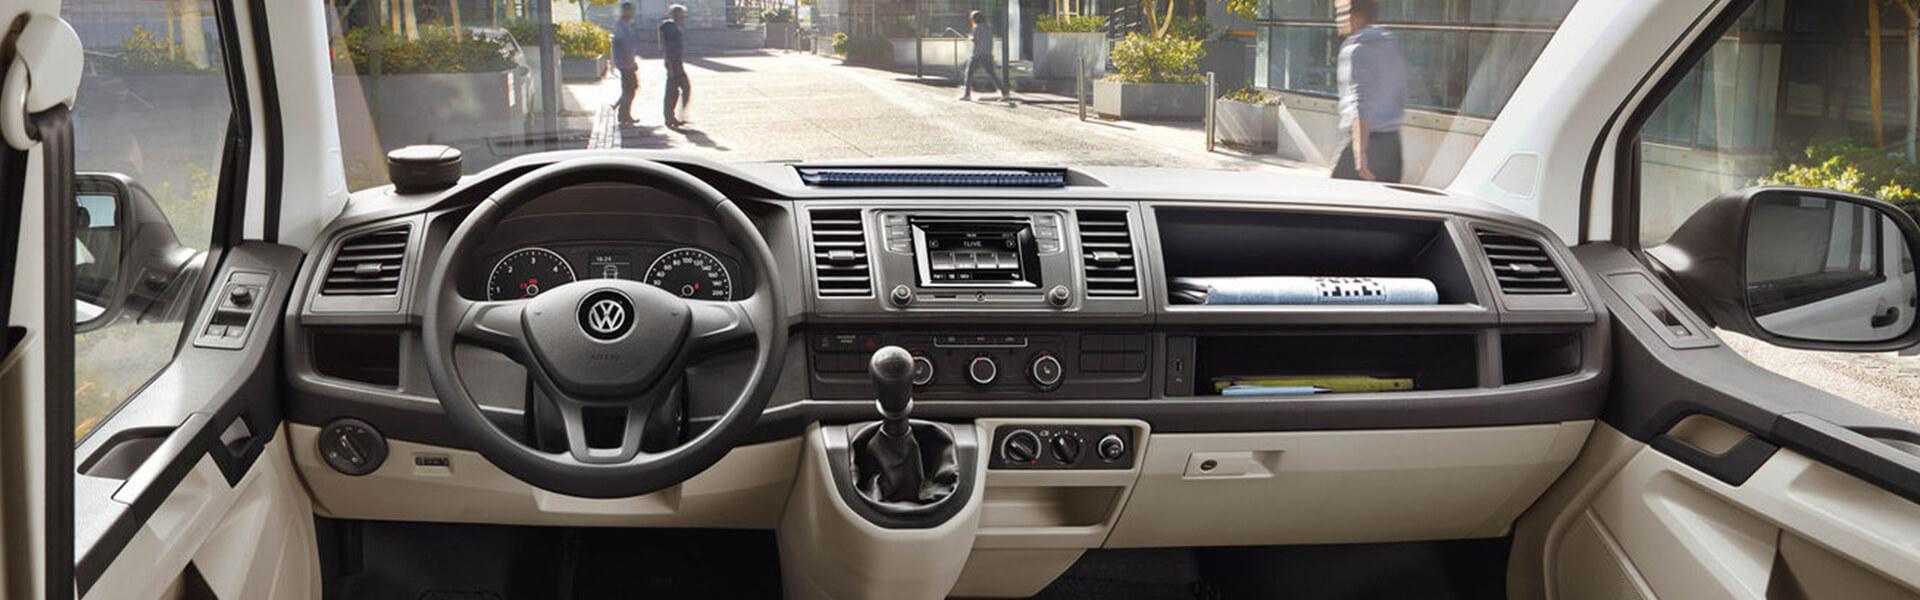 VW Nutzfahrzeuge Innenausstattung